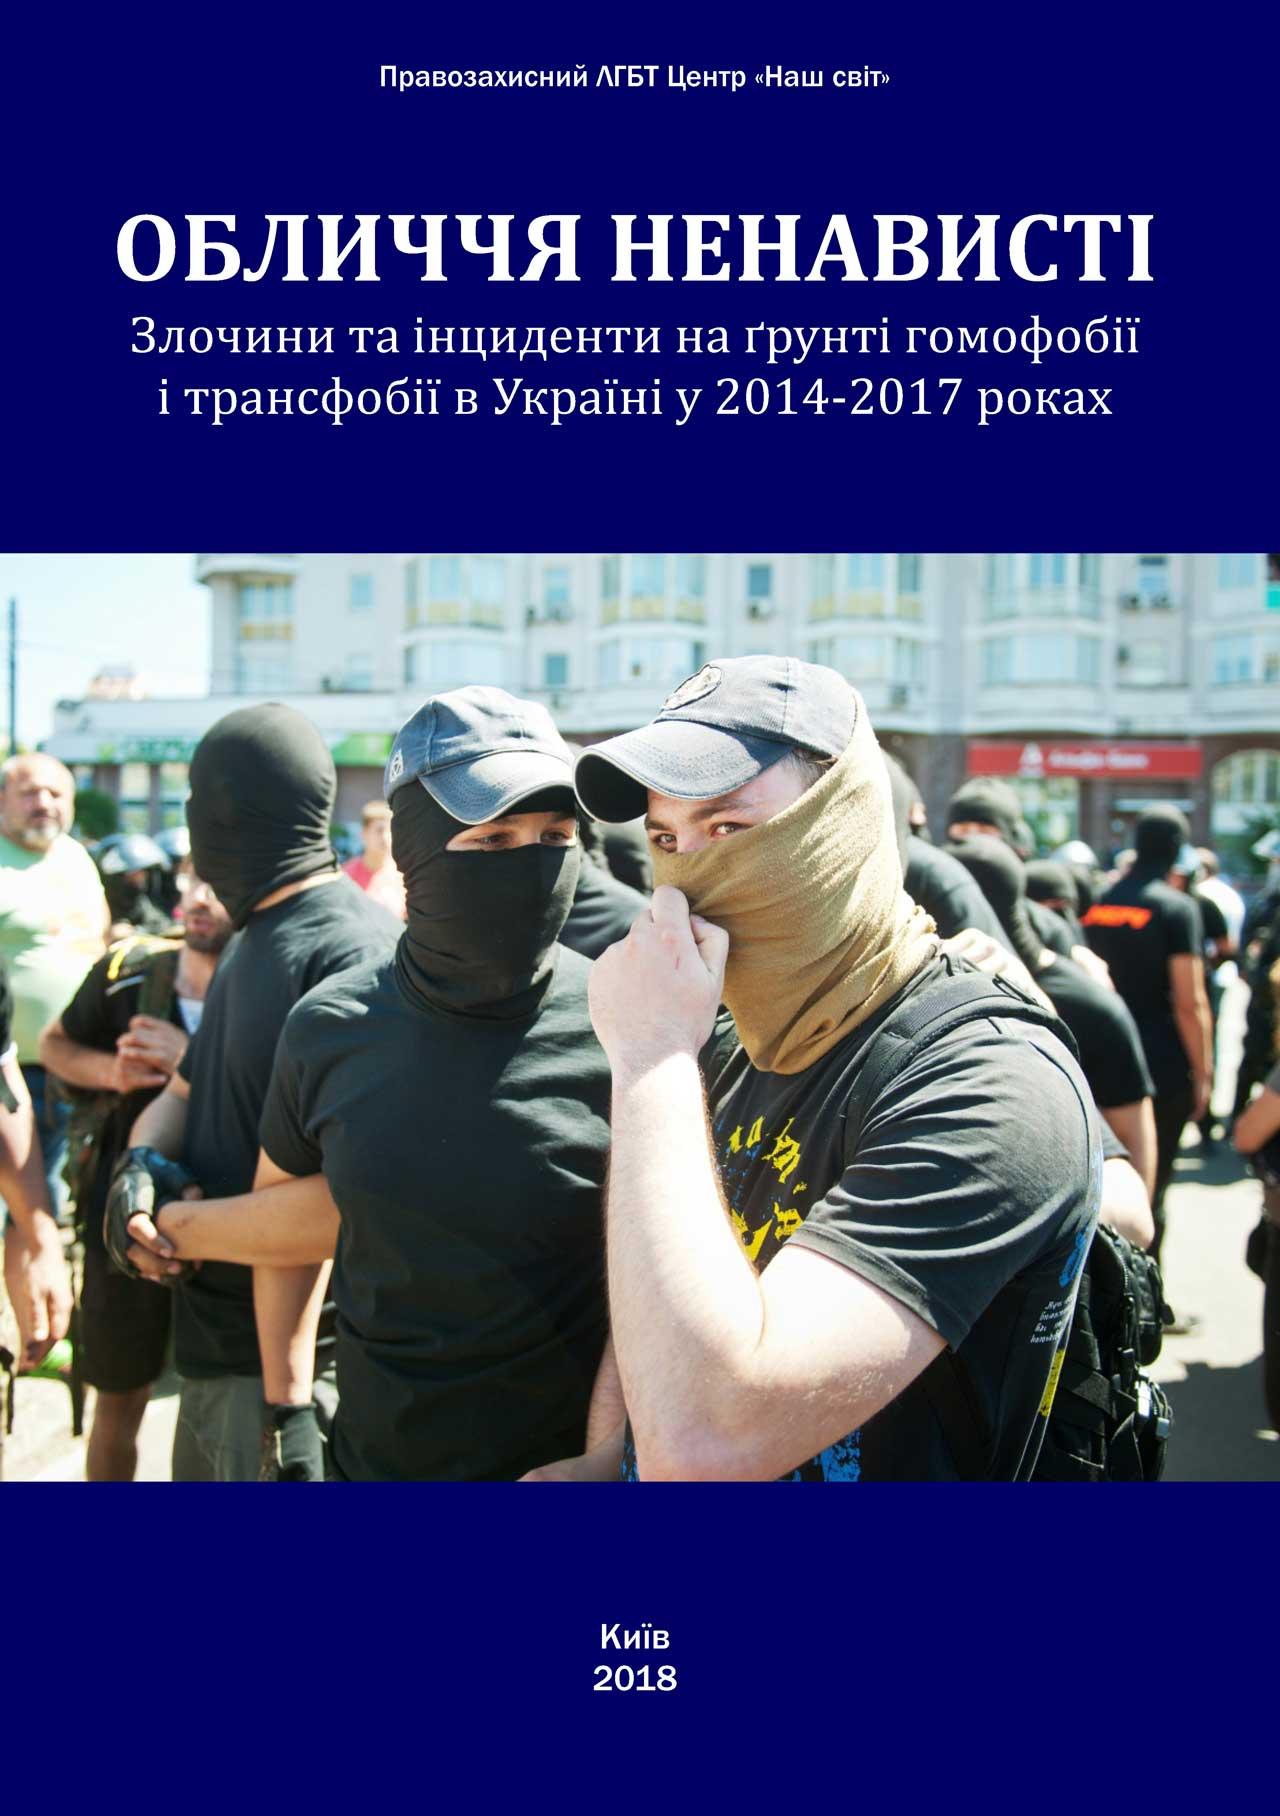 Обличчя ненависті. Злочини та інциденти на ґрунті гомофобії і трансфобії в Україні у 2014-2017 роках.